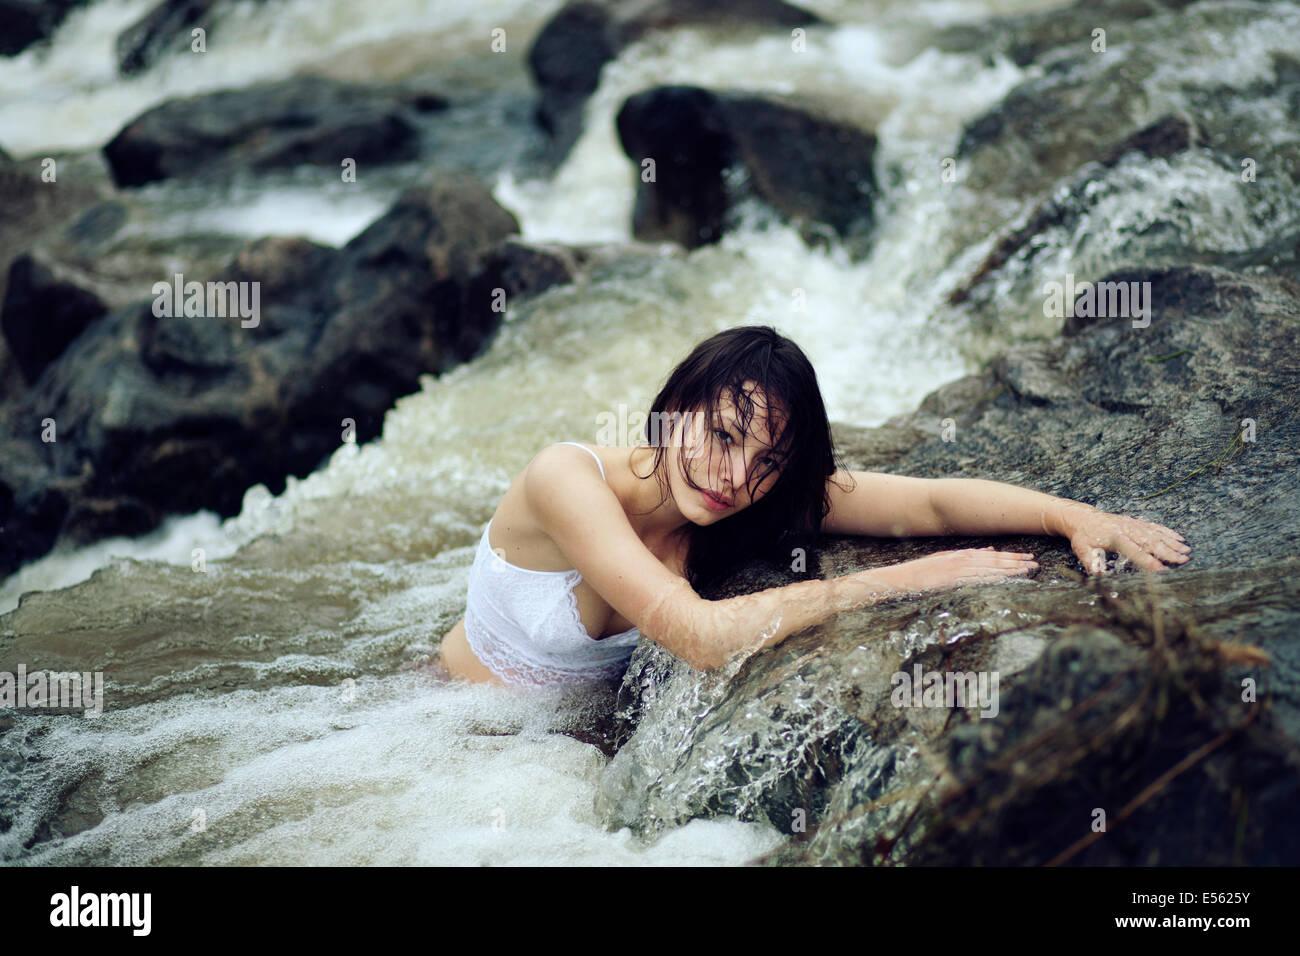 Giovane donna è seduta in un torrente Immagini Stock